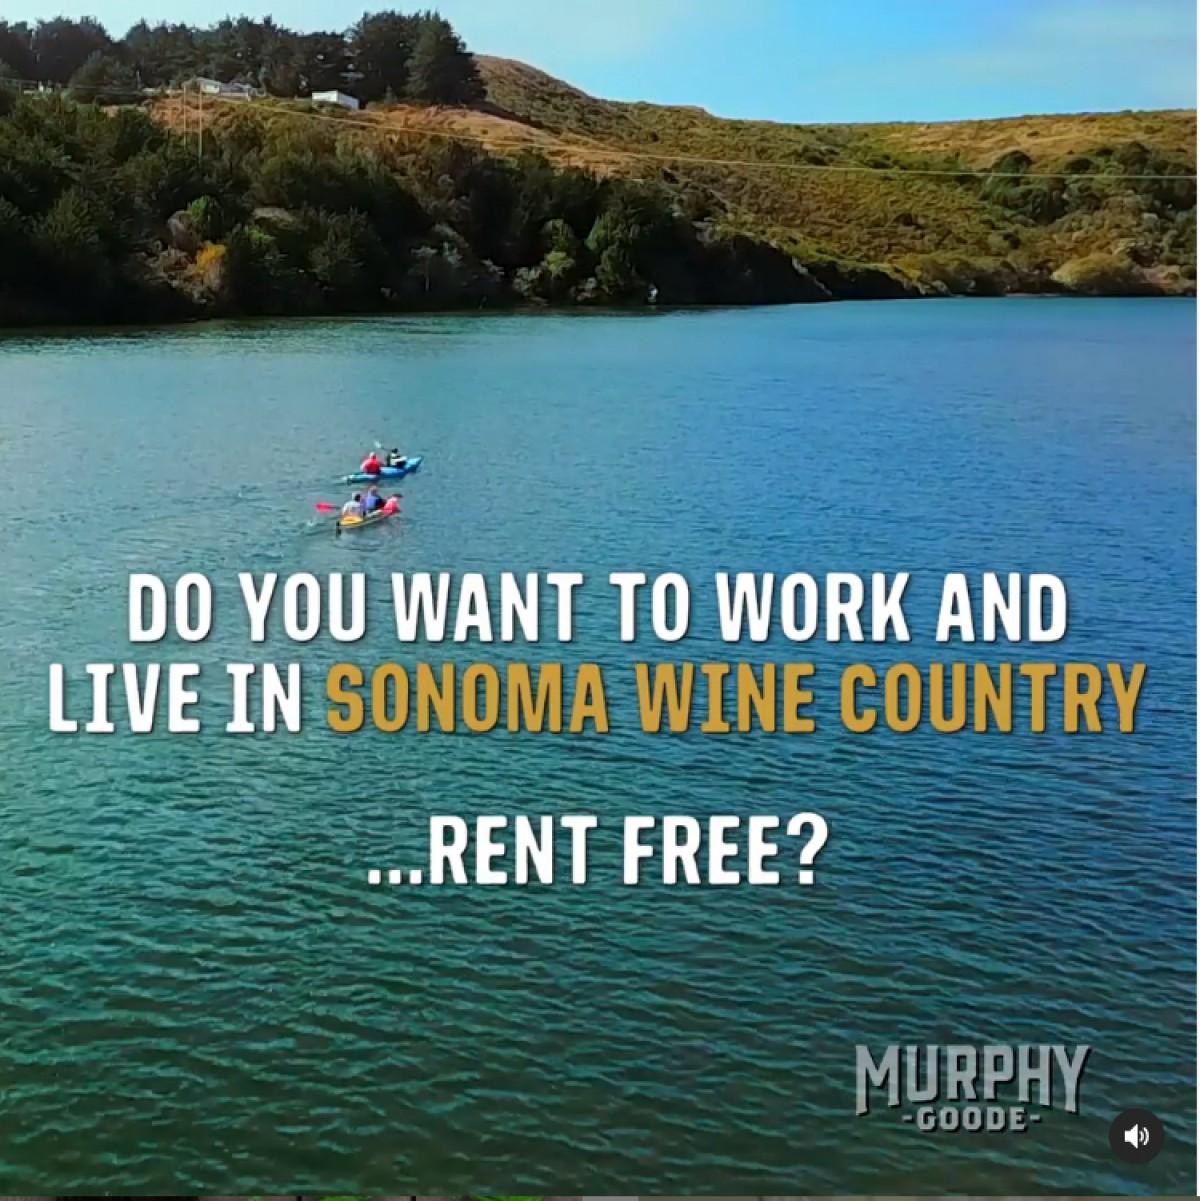 Murphy-Goode Wine ofereix 10.000 dòlars al mes i casa pagada durant un any